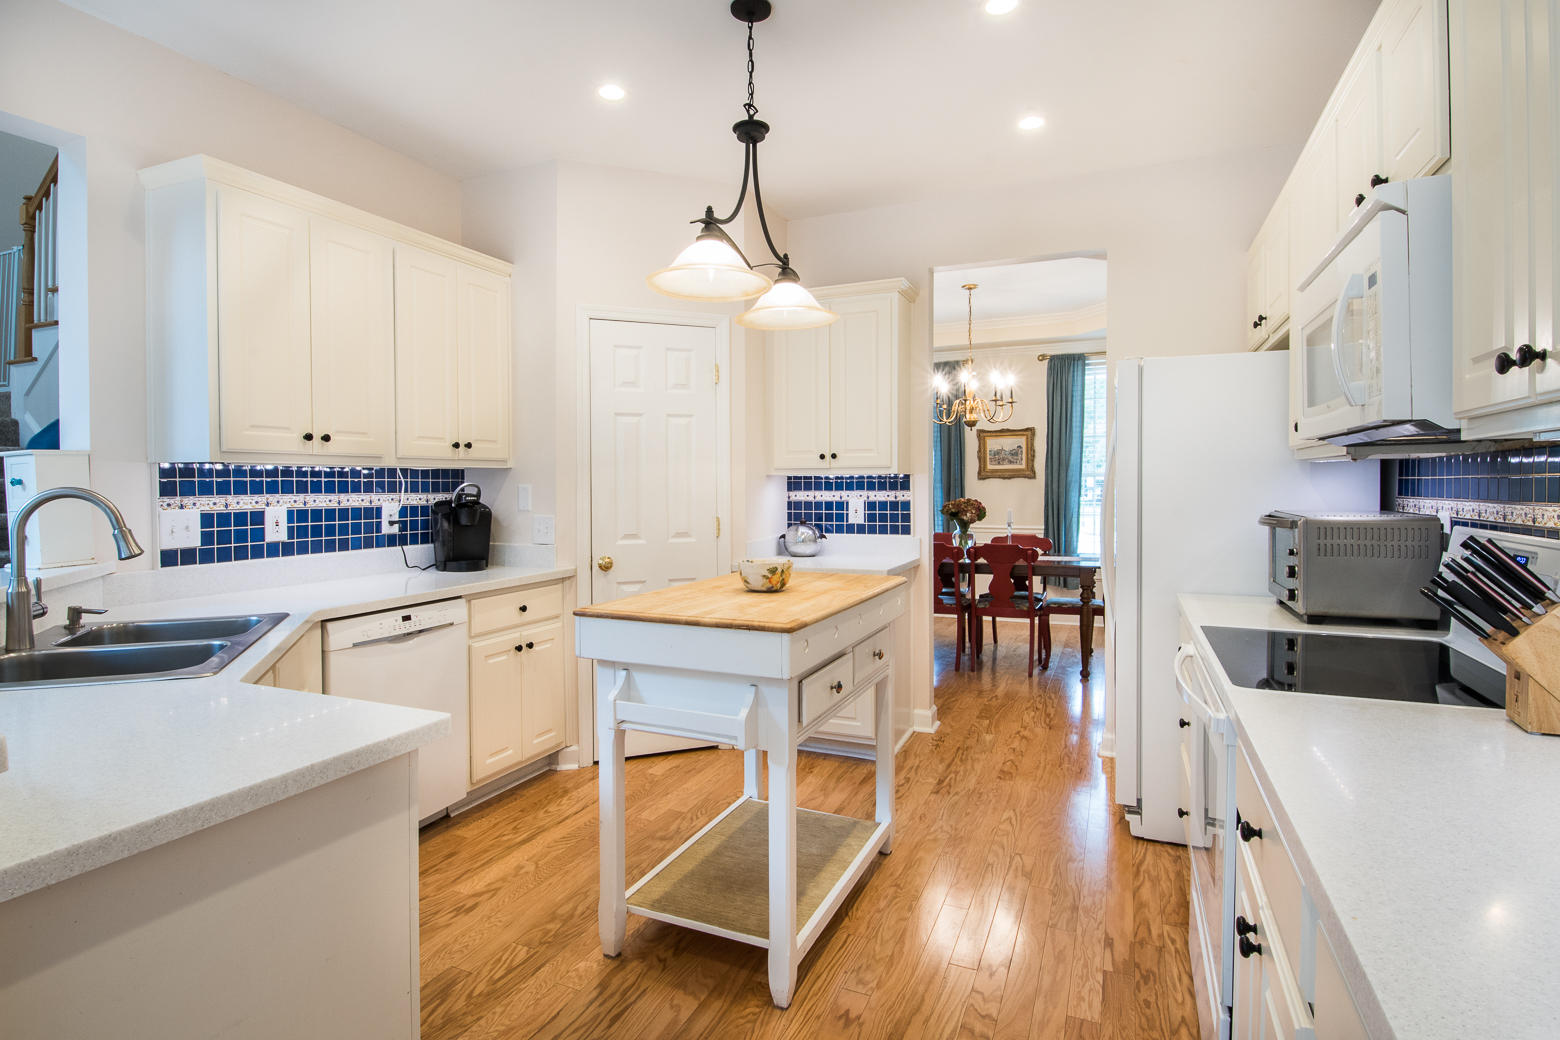 Dunes West Homes For Sale - 1111 Black Rush, Mount Pleasant, SC - 8